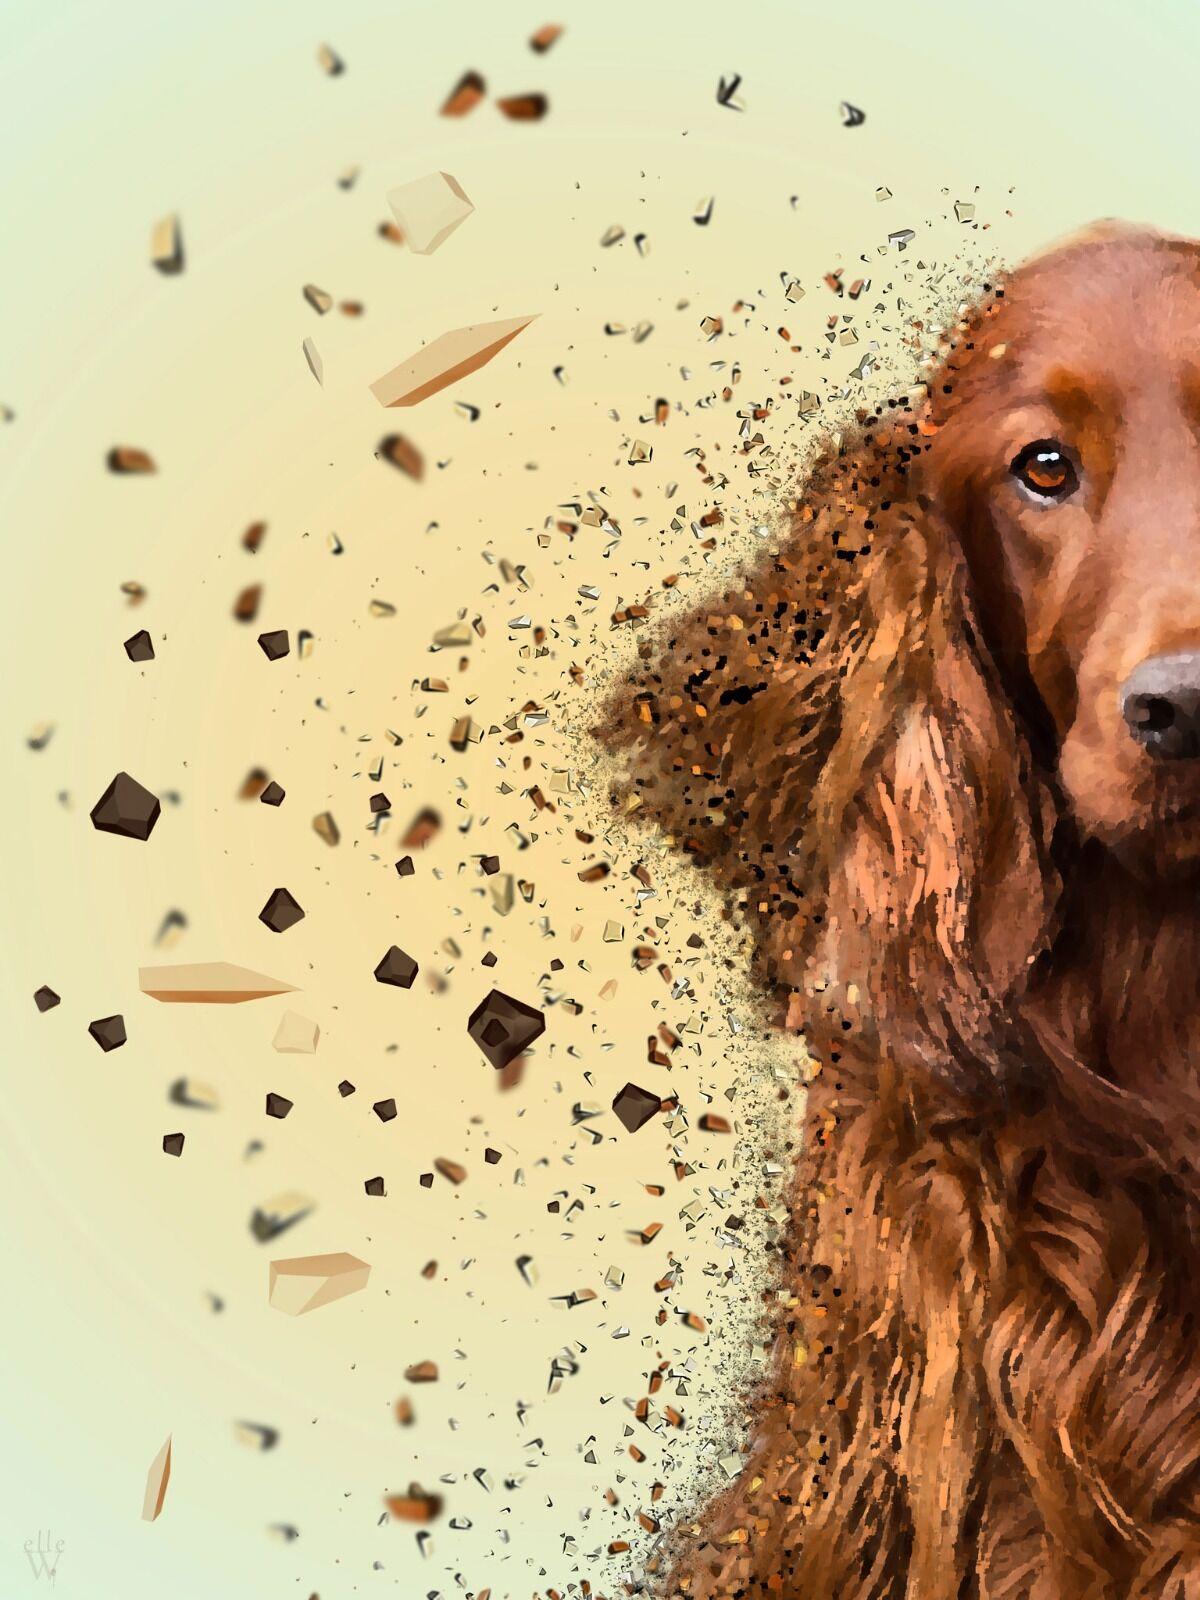 Red setter dog - Dispersion Effect